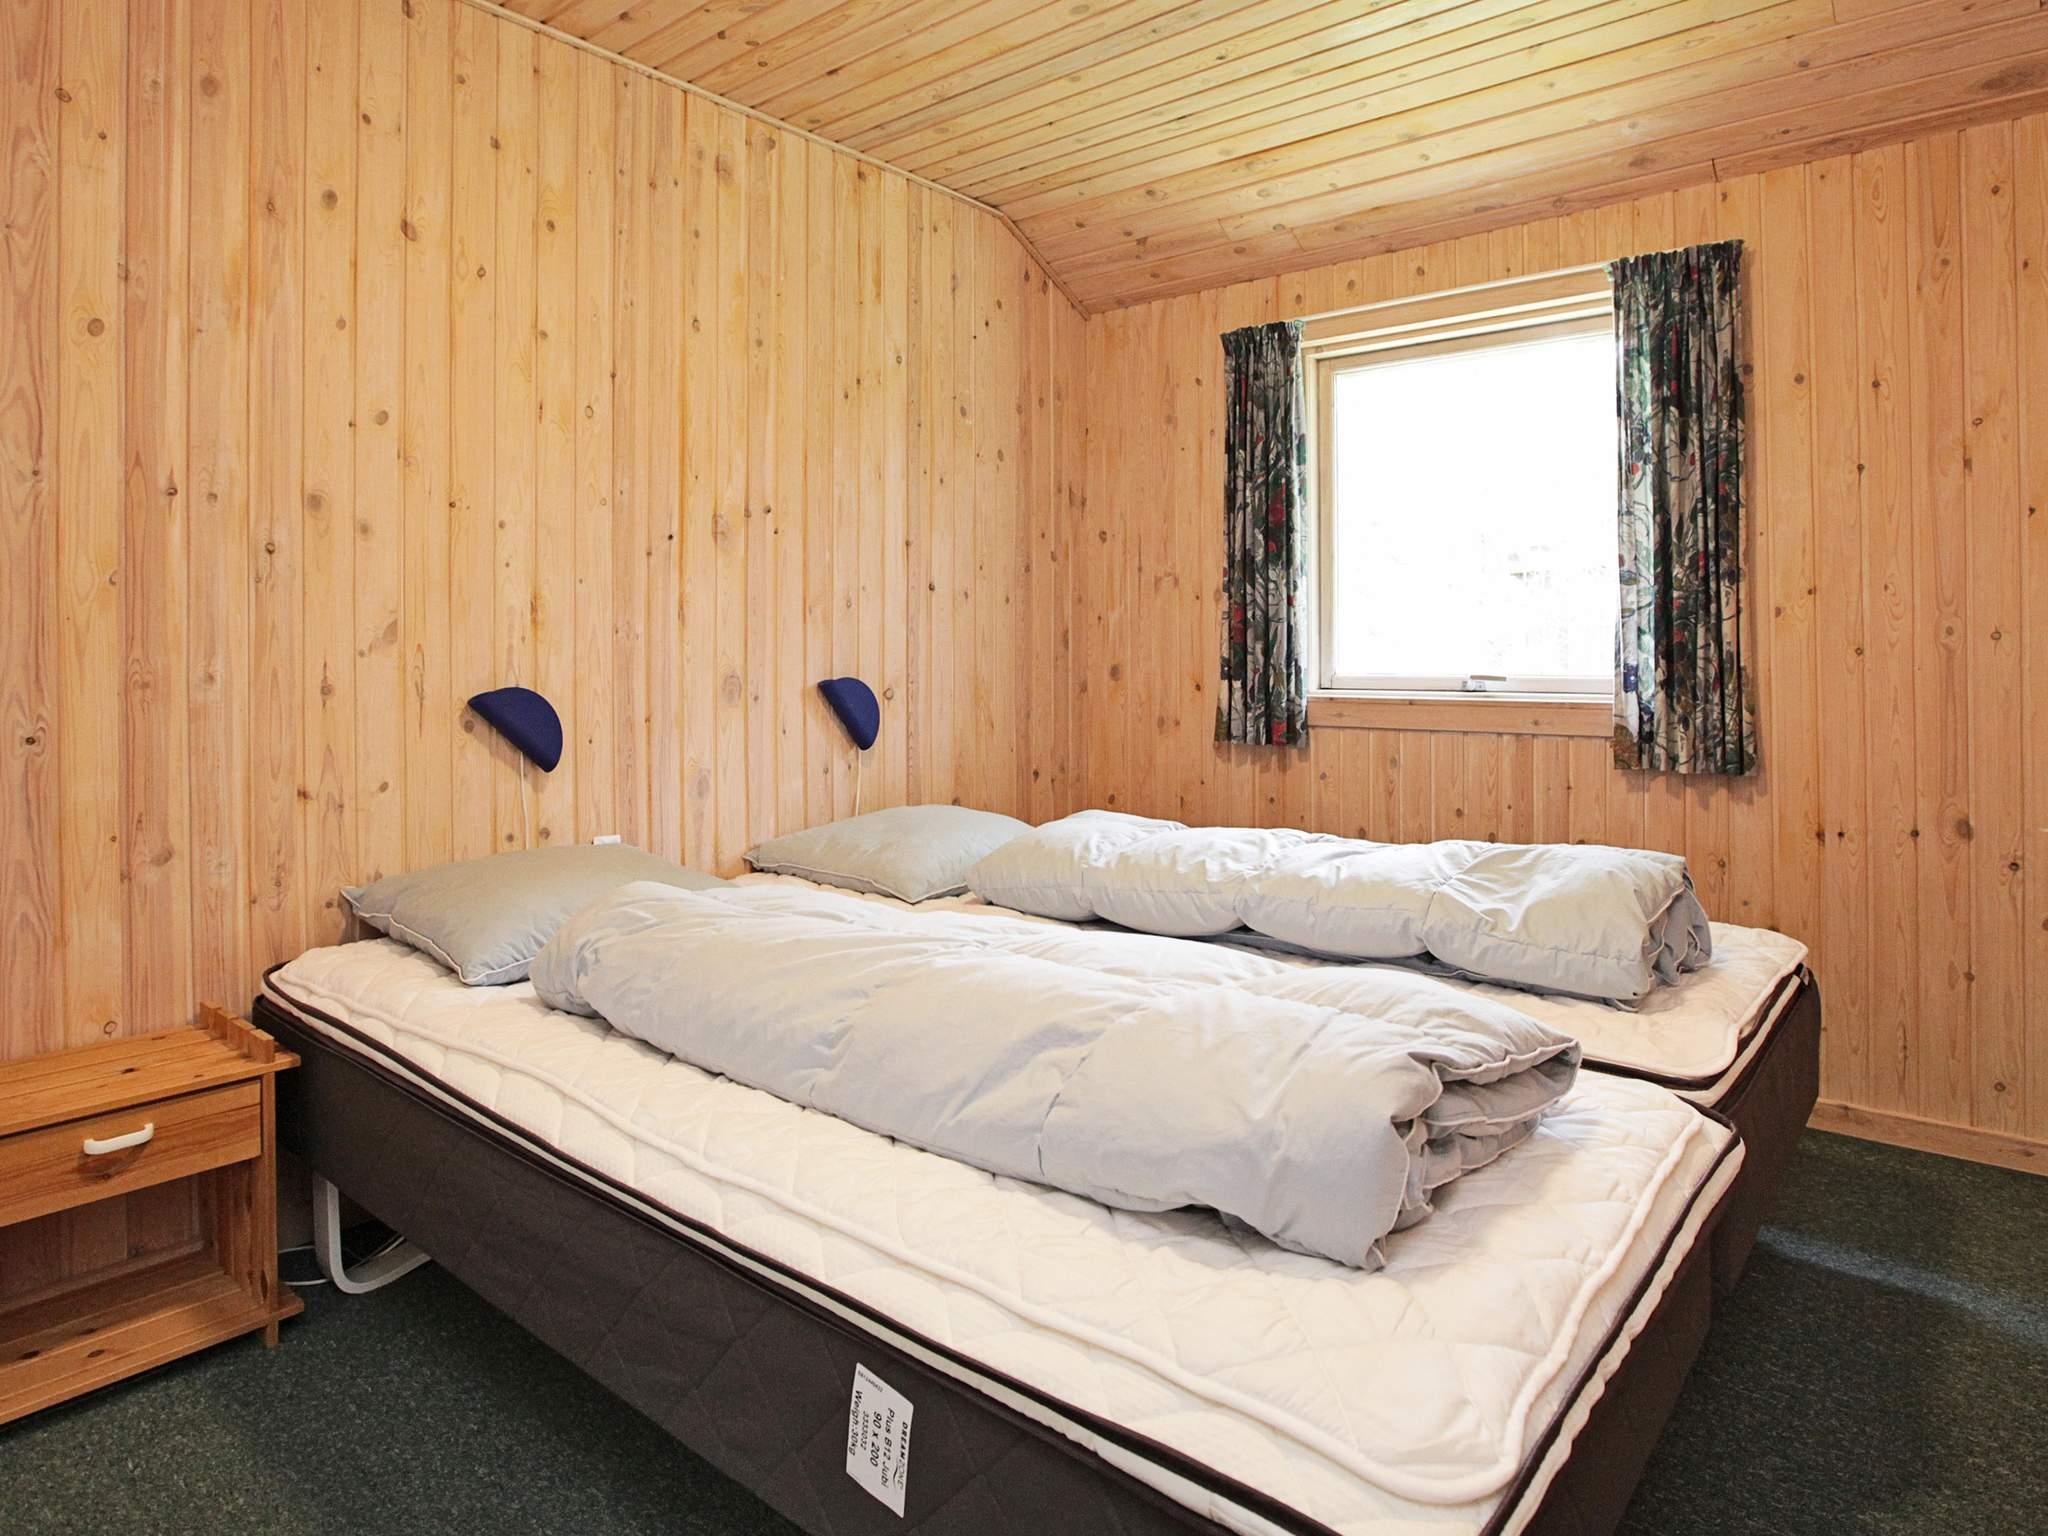 Ferienhaus Hummingen (84295), Hummingen, , Lolland, Dänemark, Bild 19